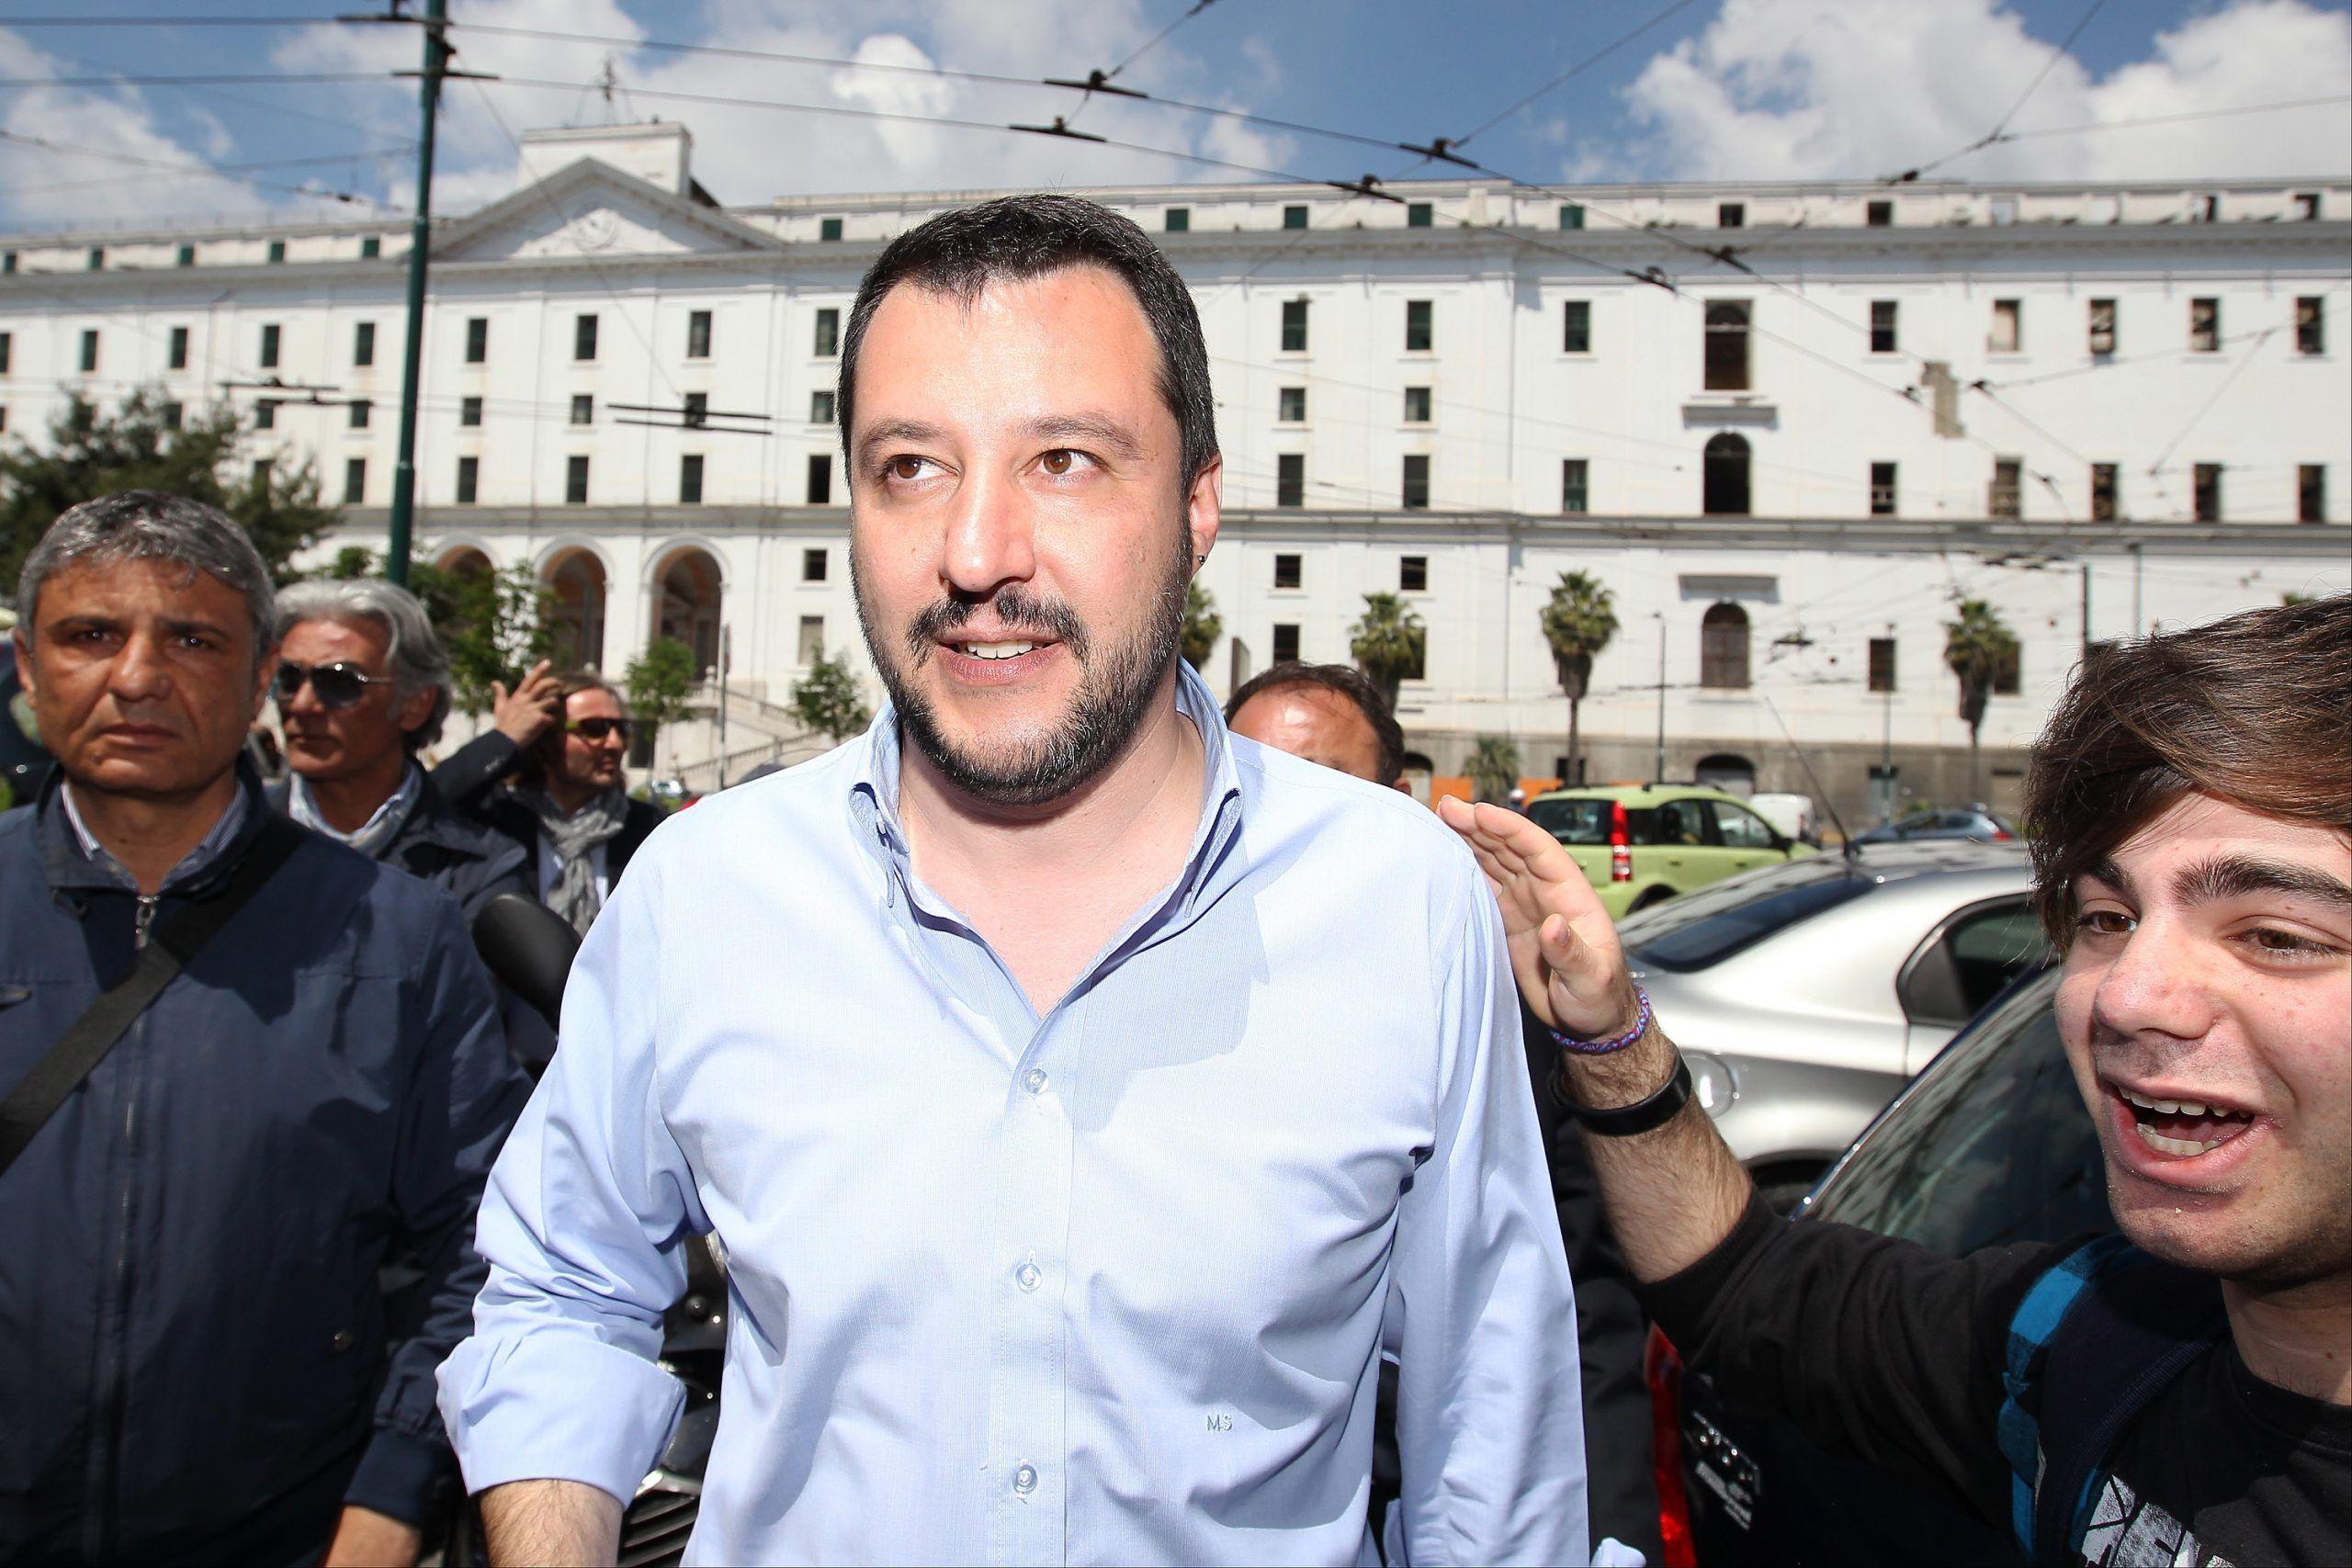 Matteo Salvini contestato a Napoli attacca i napoletani, ma dimentica i suoi cori razzisti